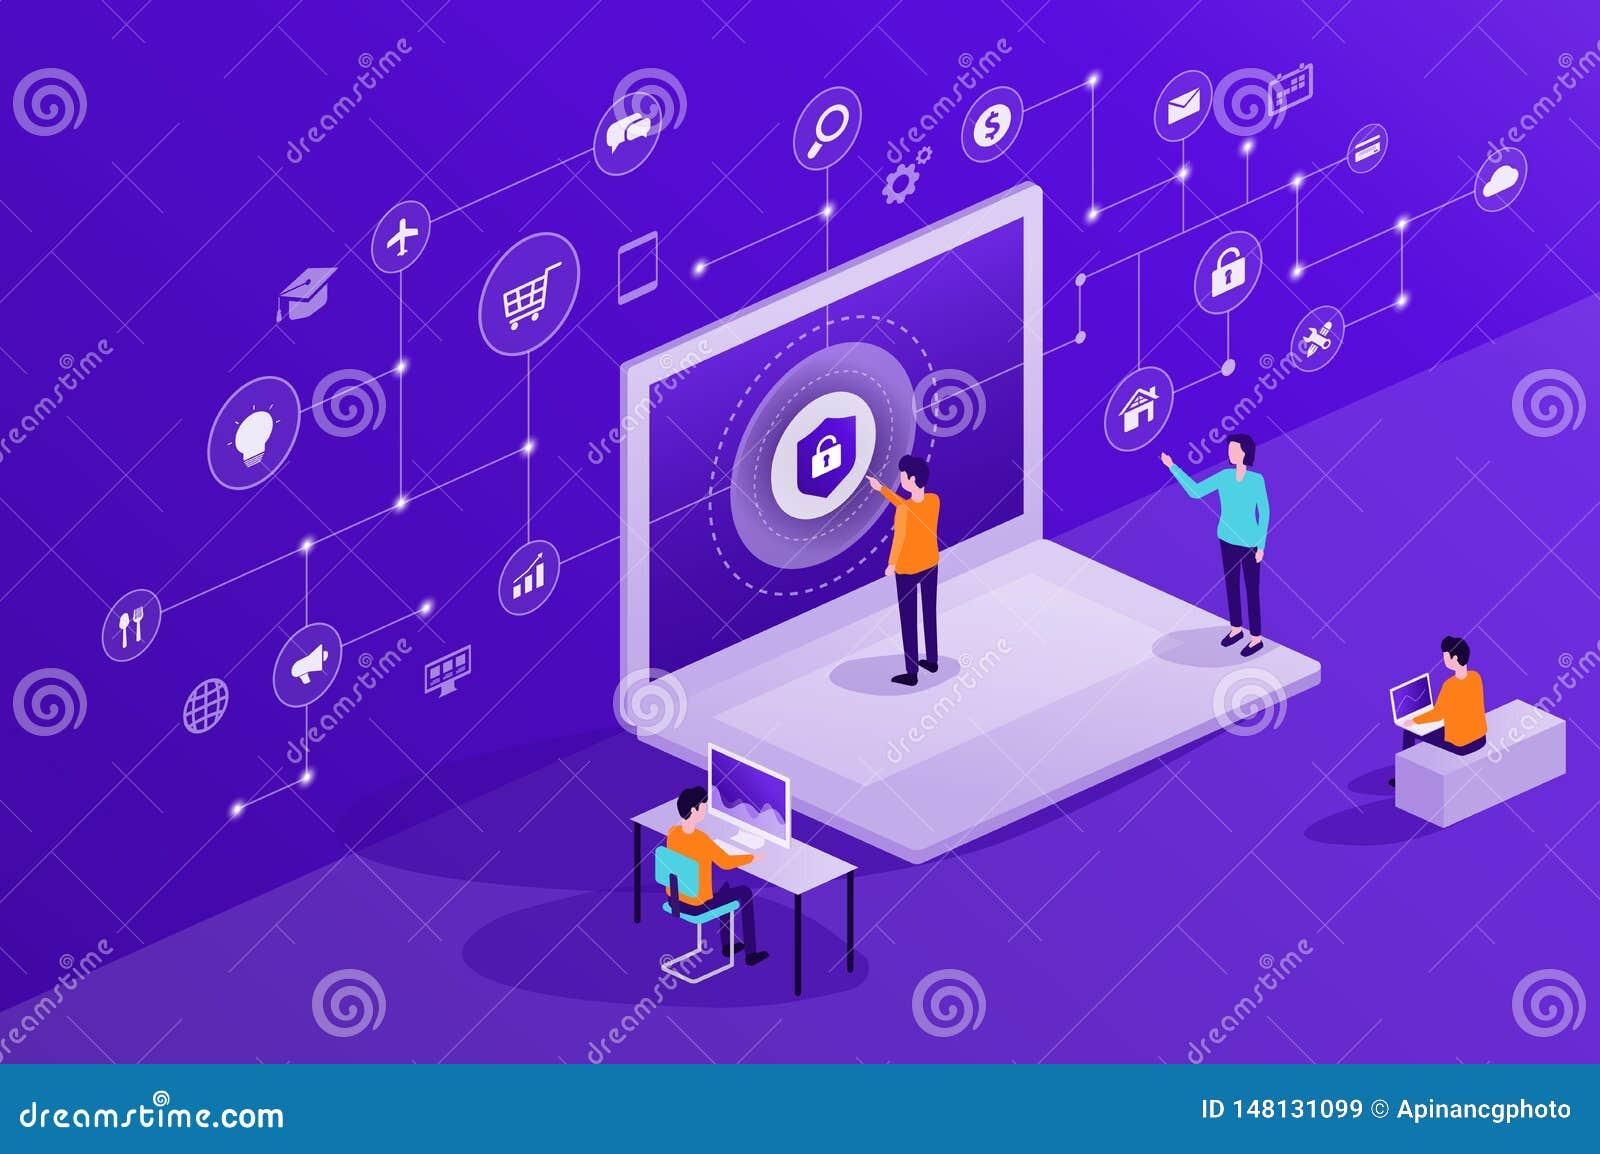 技术互联网网络安全和数据保密网上网络连接